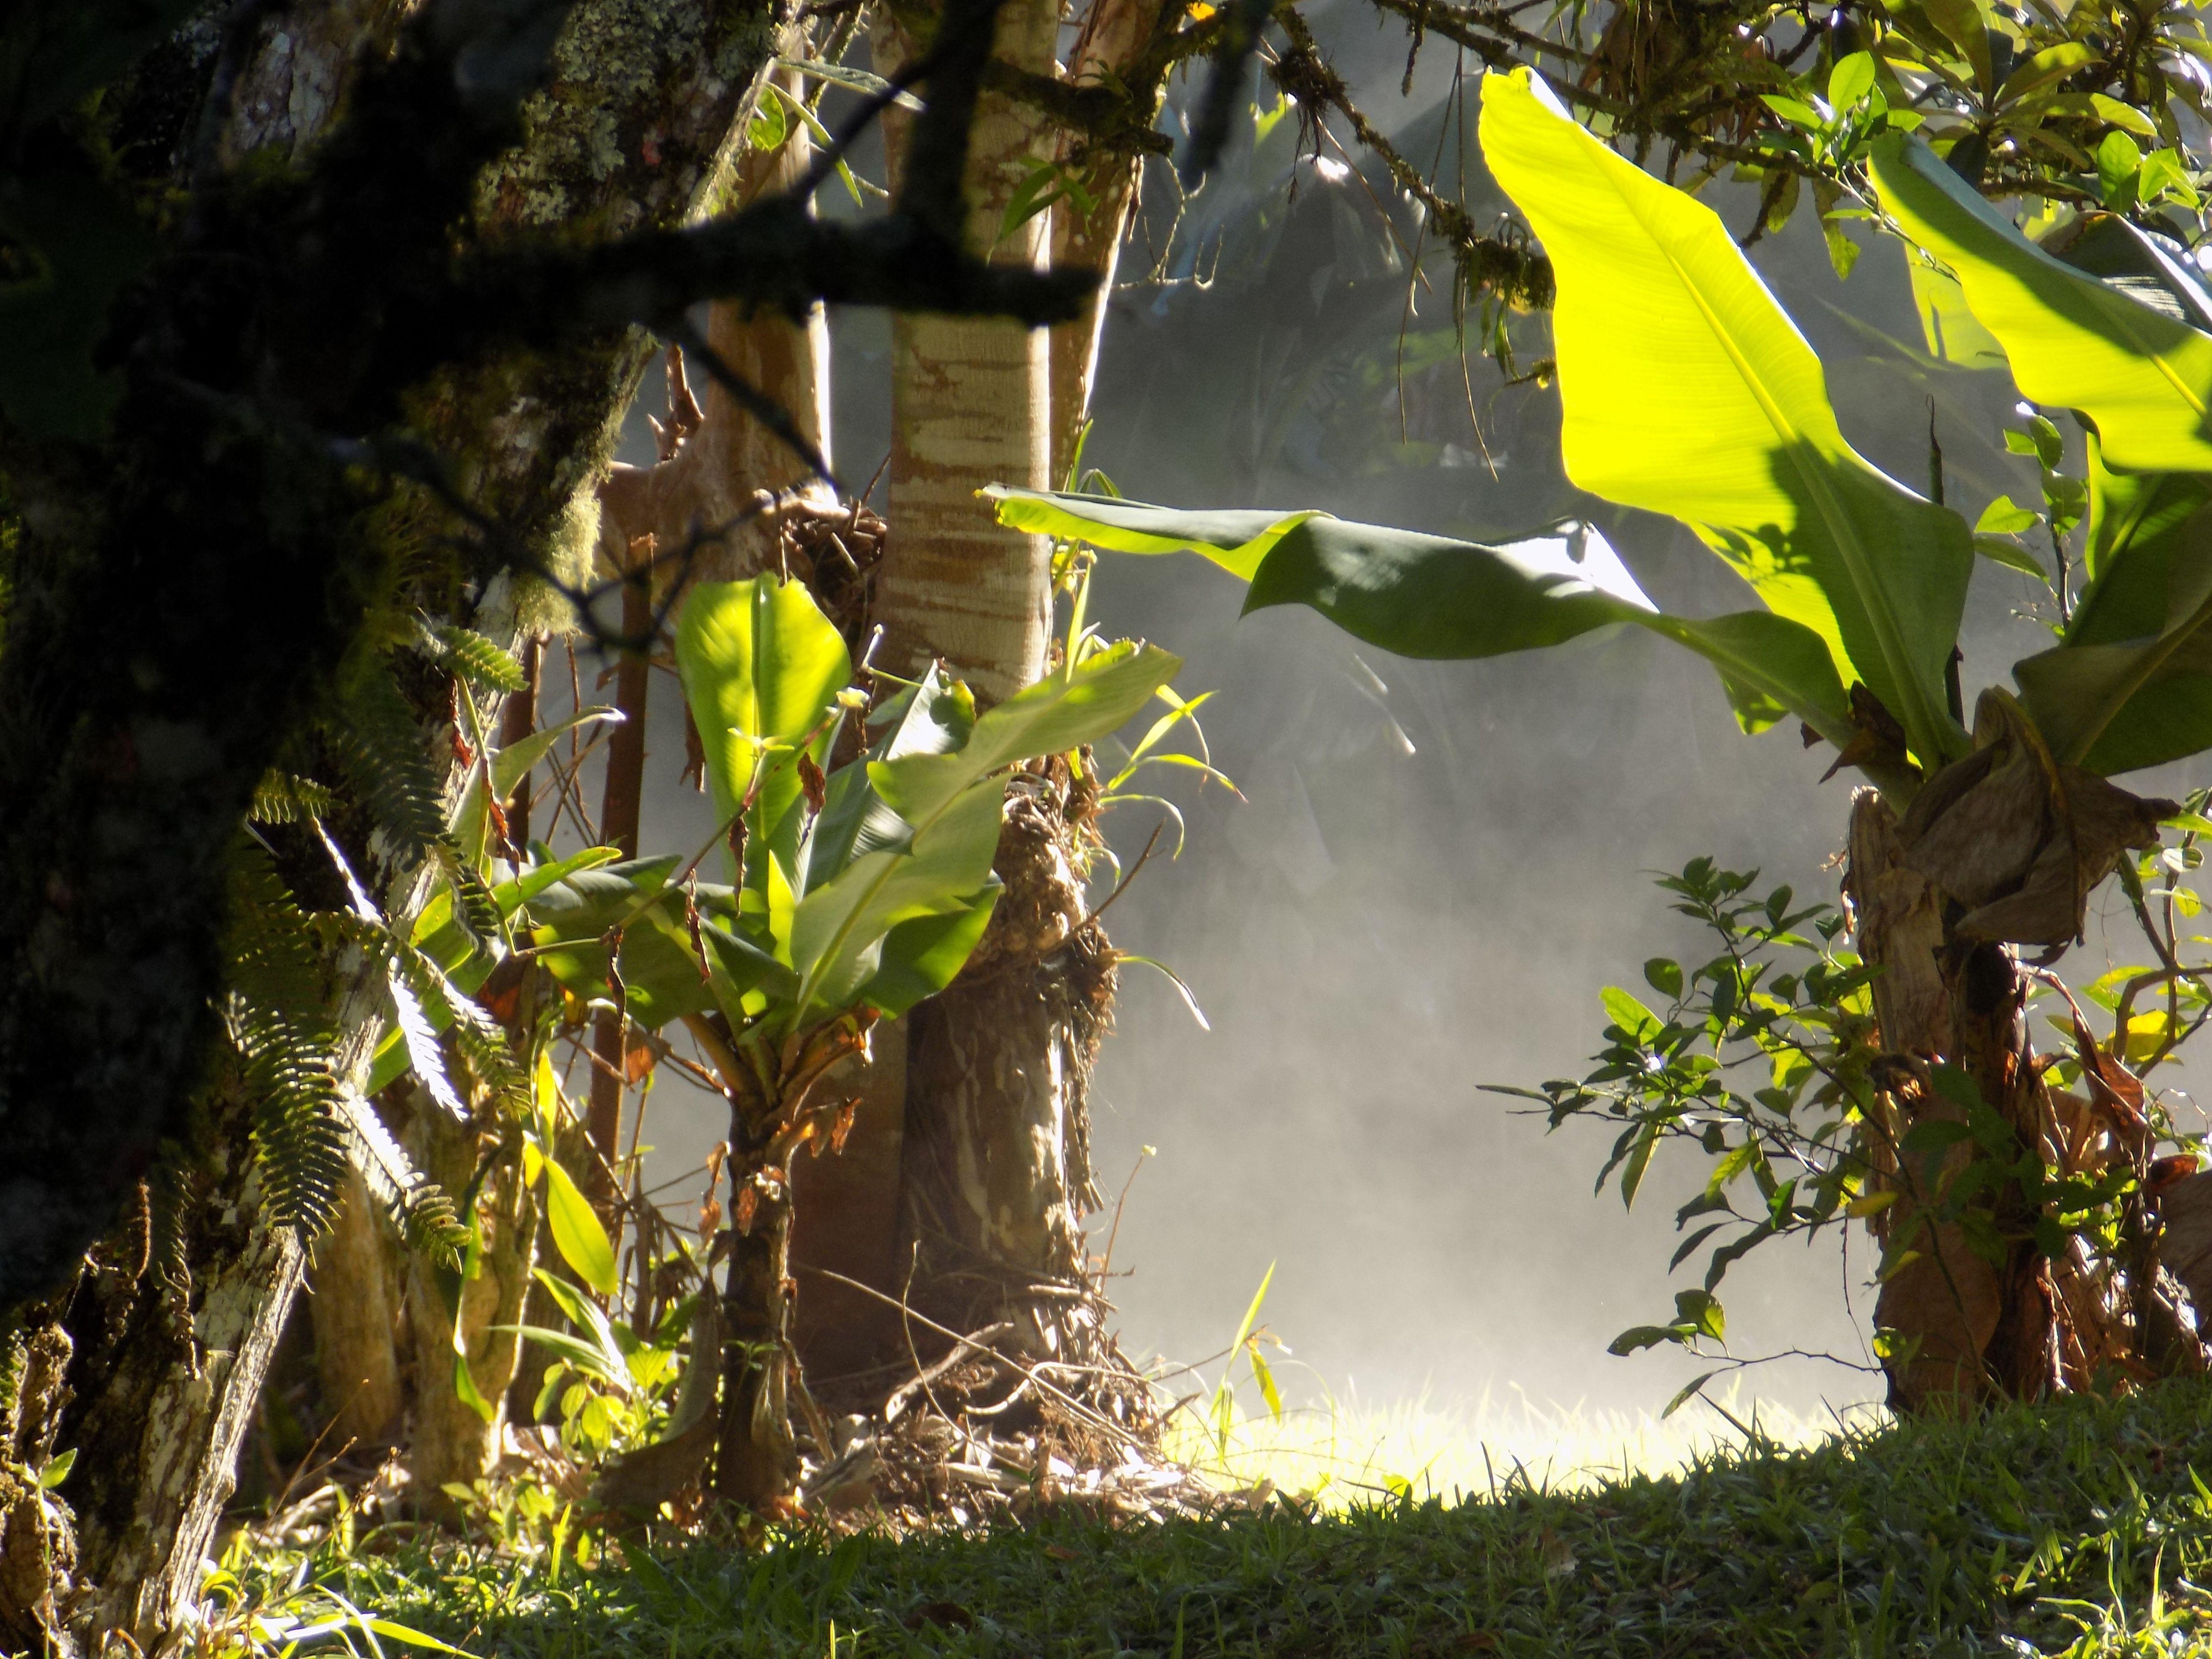 Da série: Lá do Quintal de Casa #elainegomes